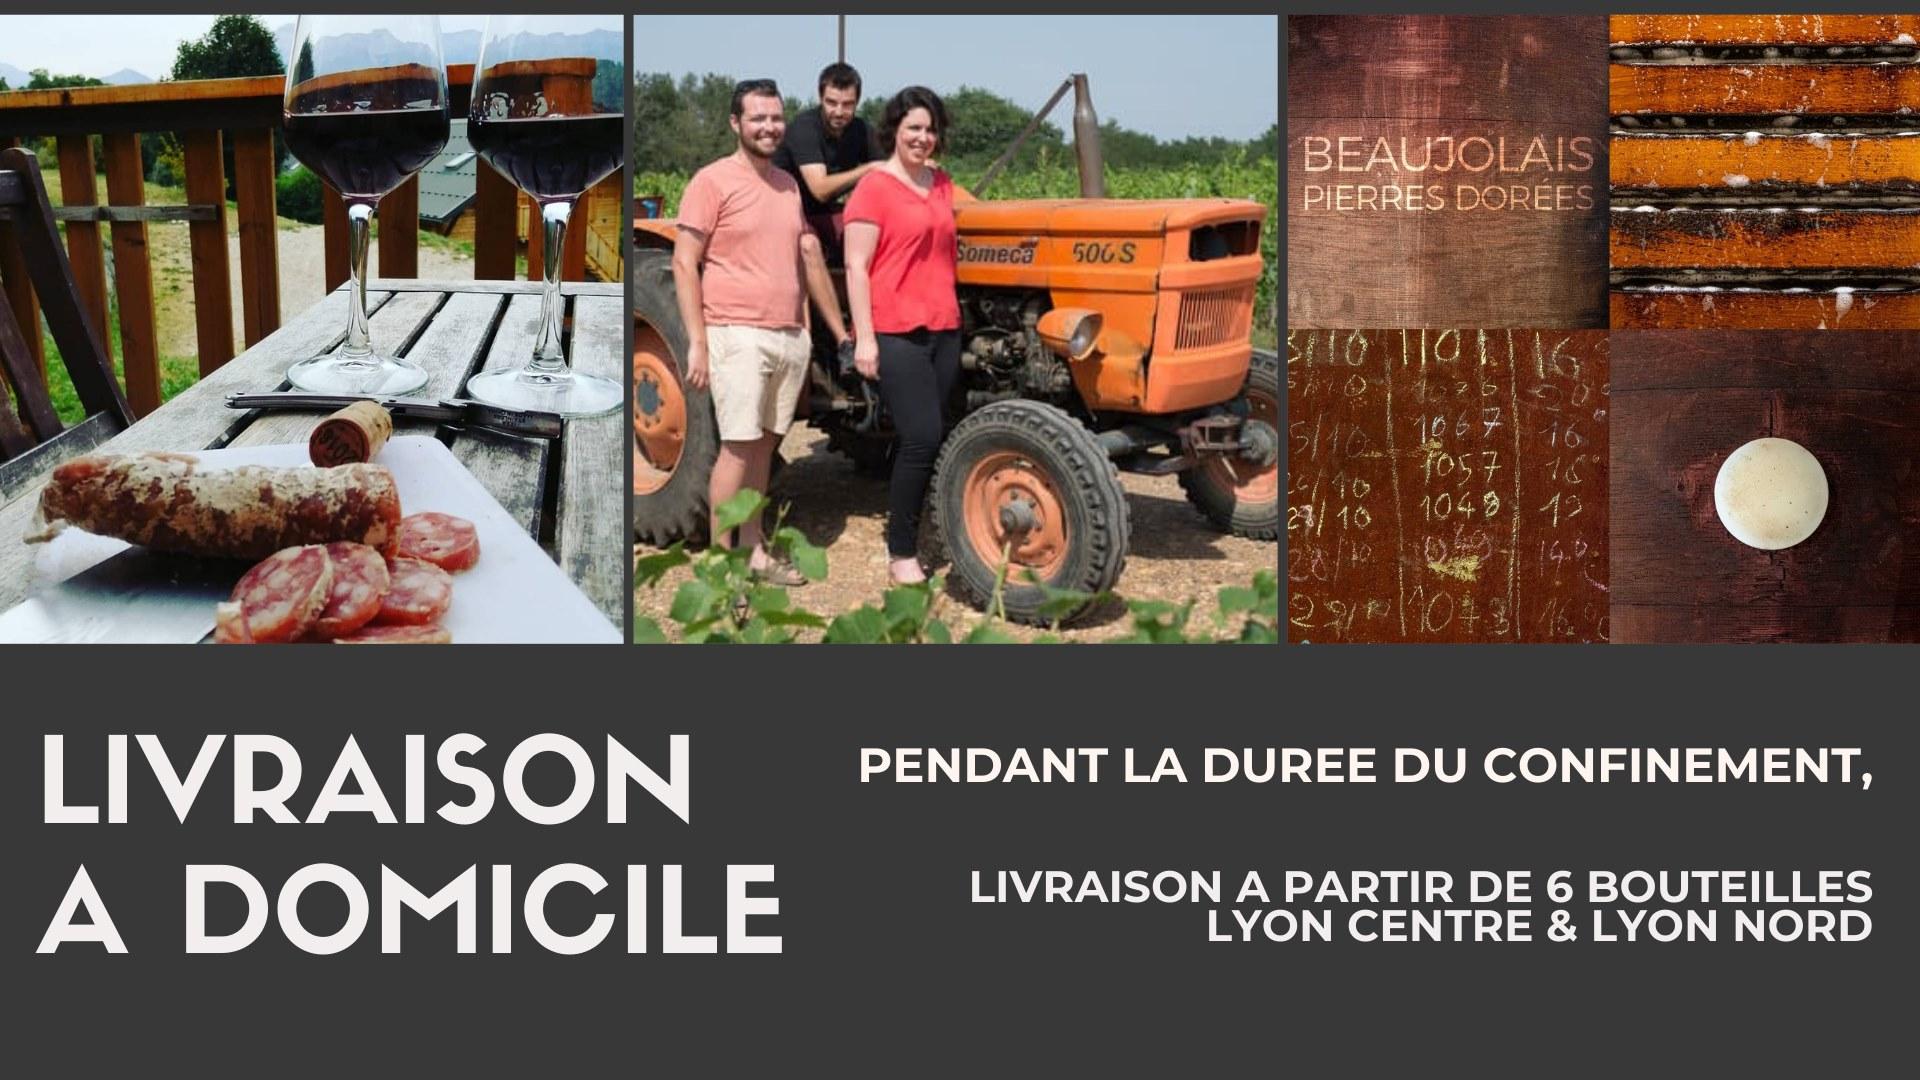 Livraison à domicile sur Lyon Centre & Lyon Nord Lachassagne